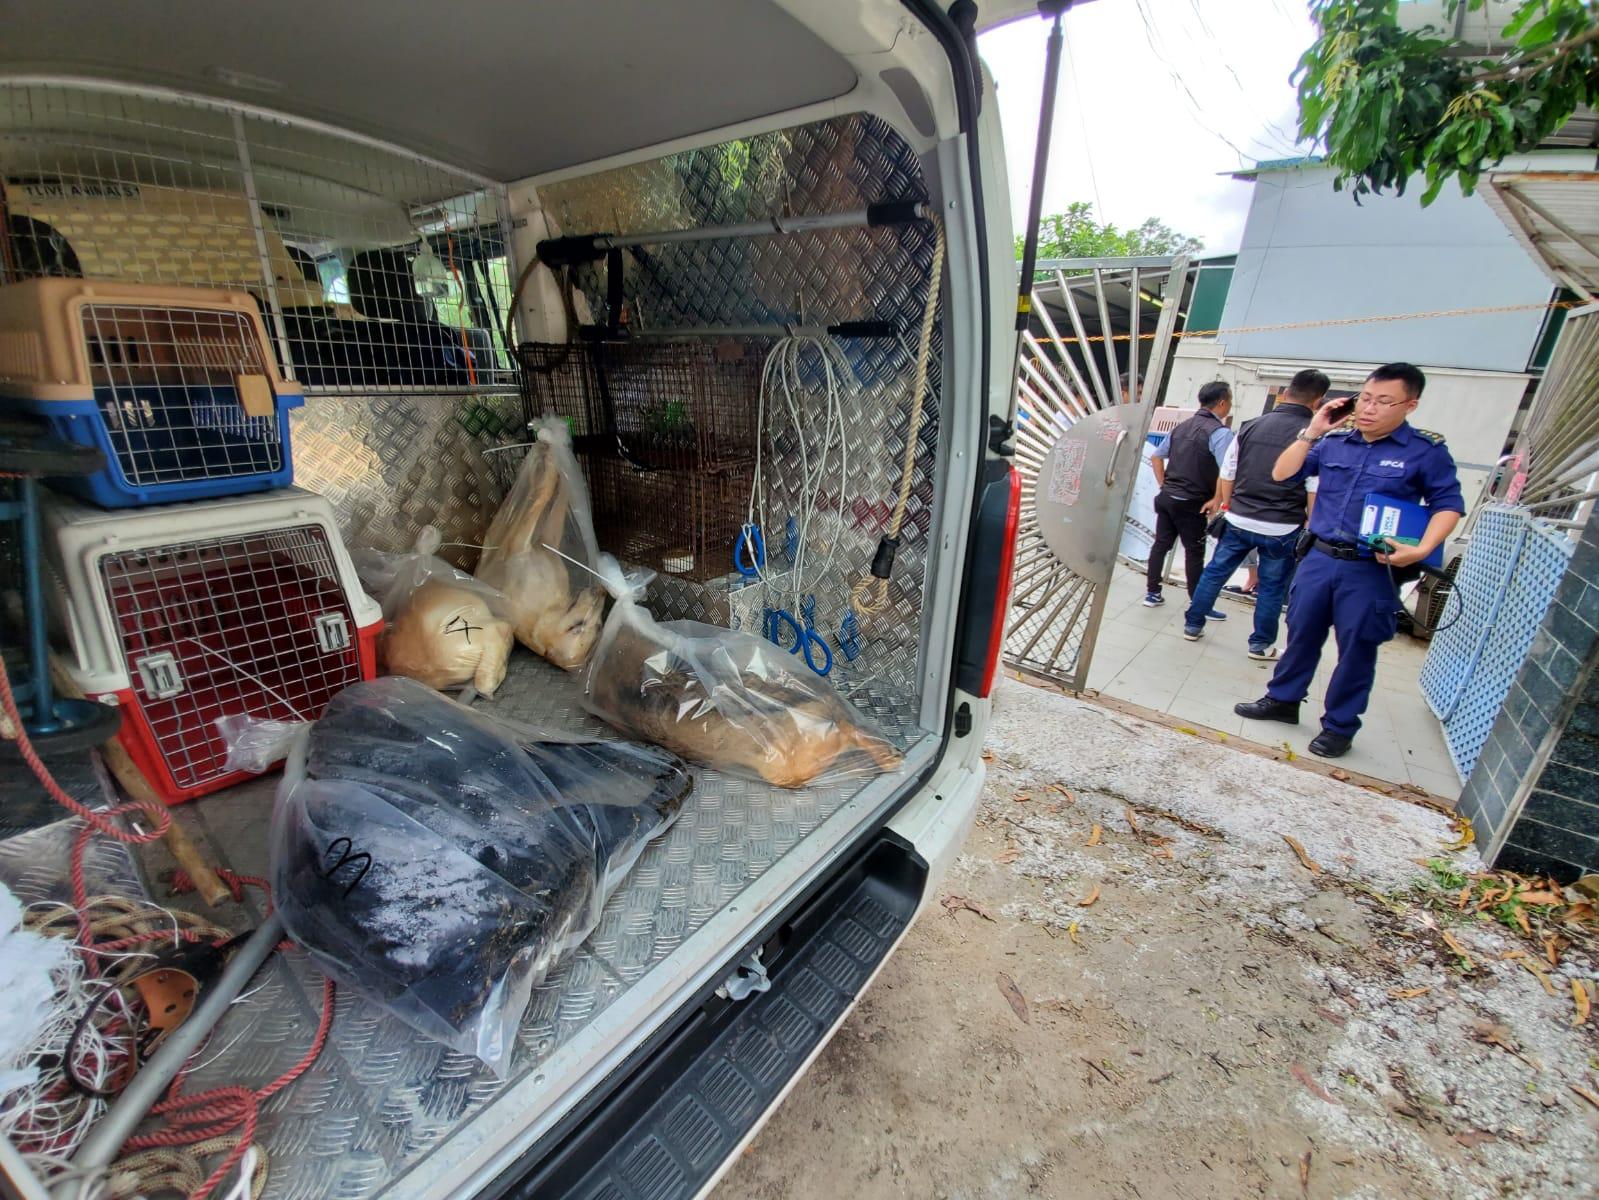 愛護動物協會職員到場檢走狗狗的屍體。 蔡楚輝攝